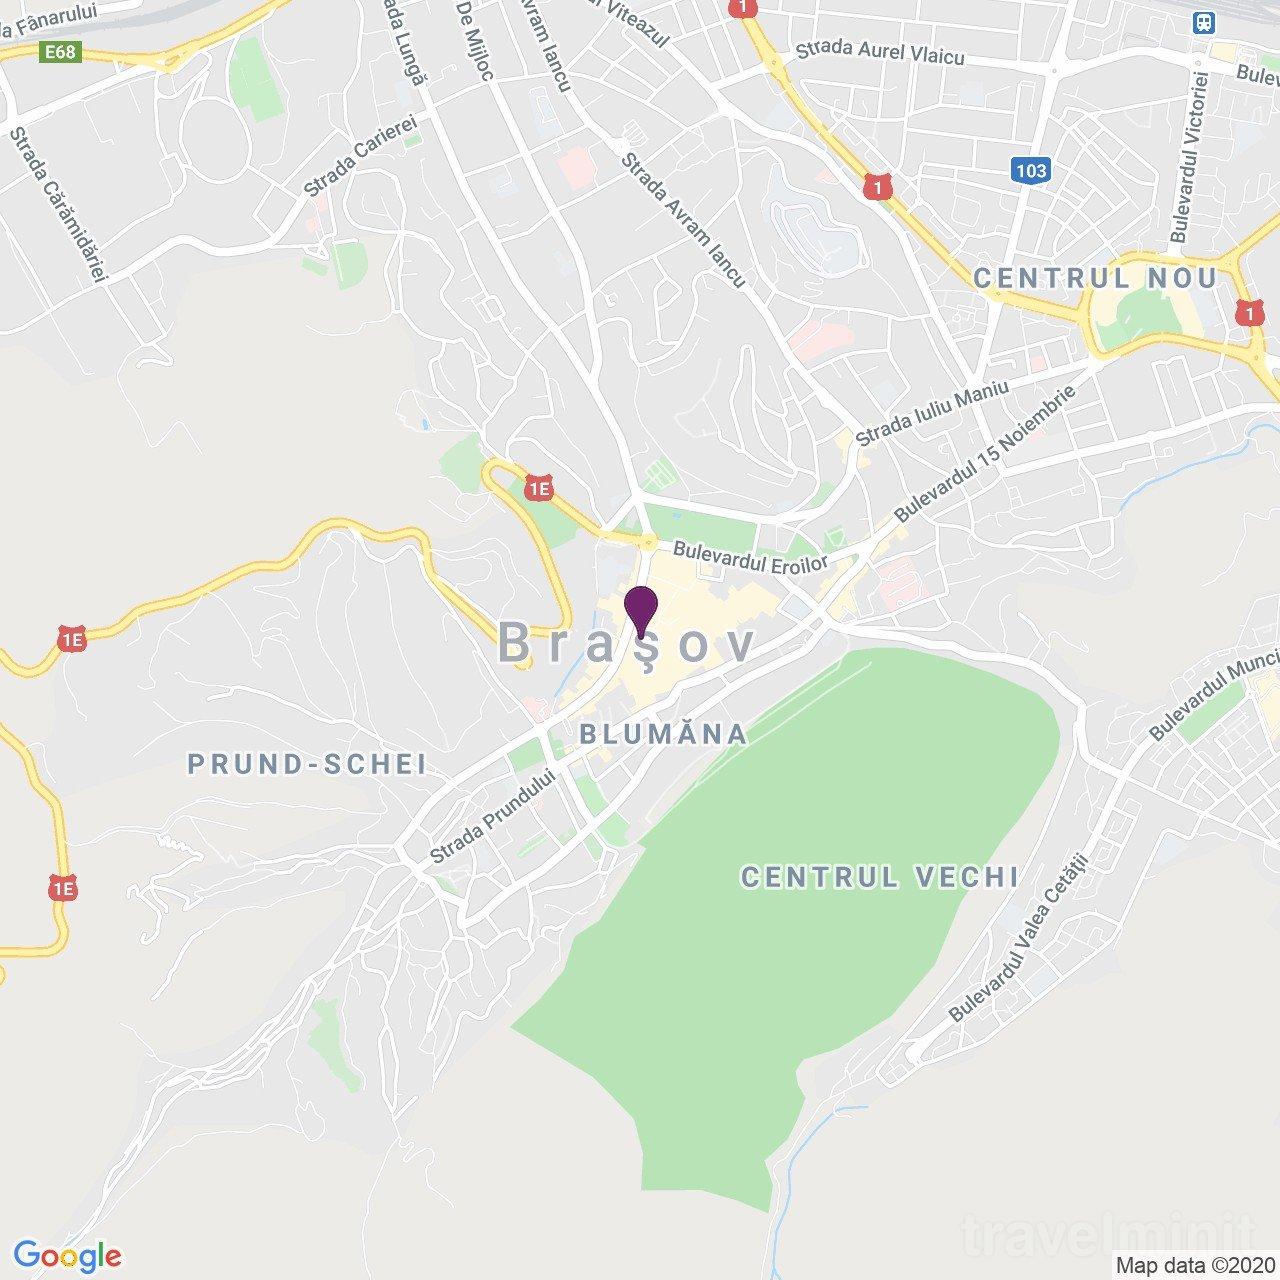 La Maisonnette Brașov